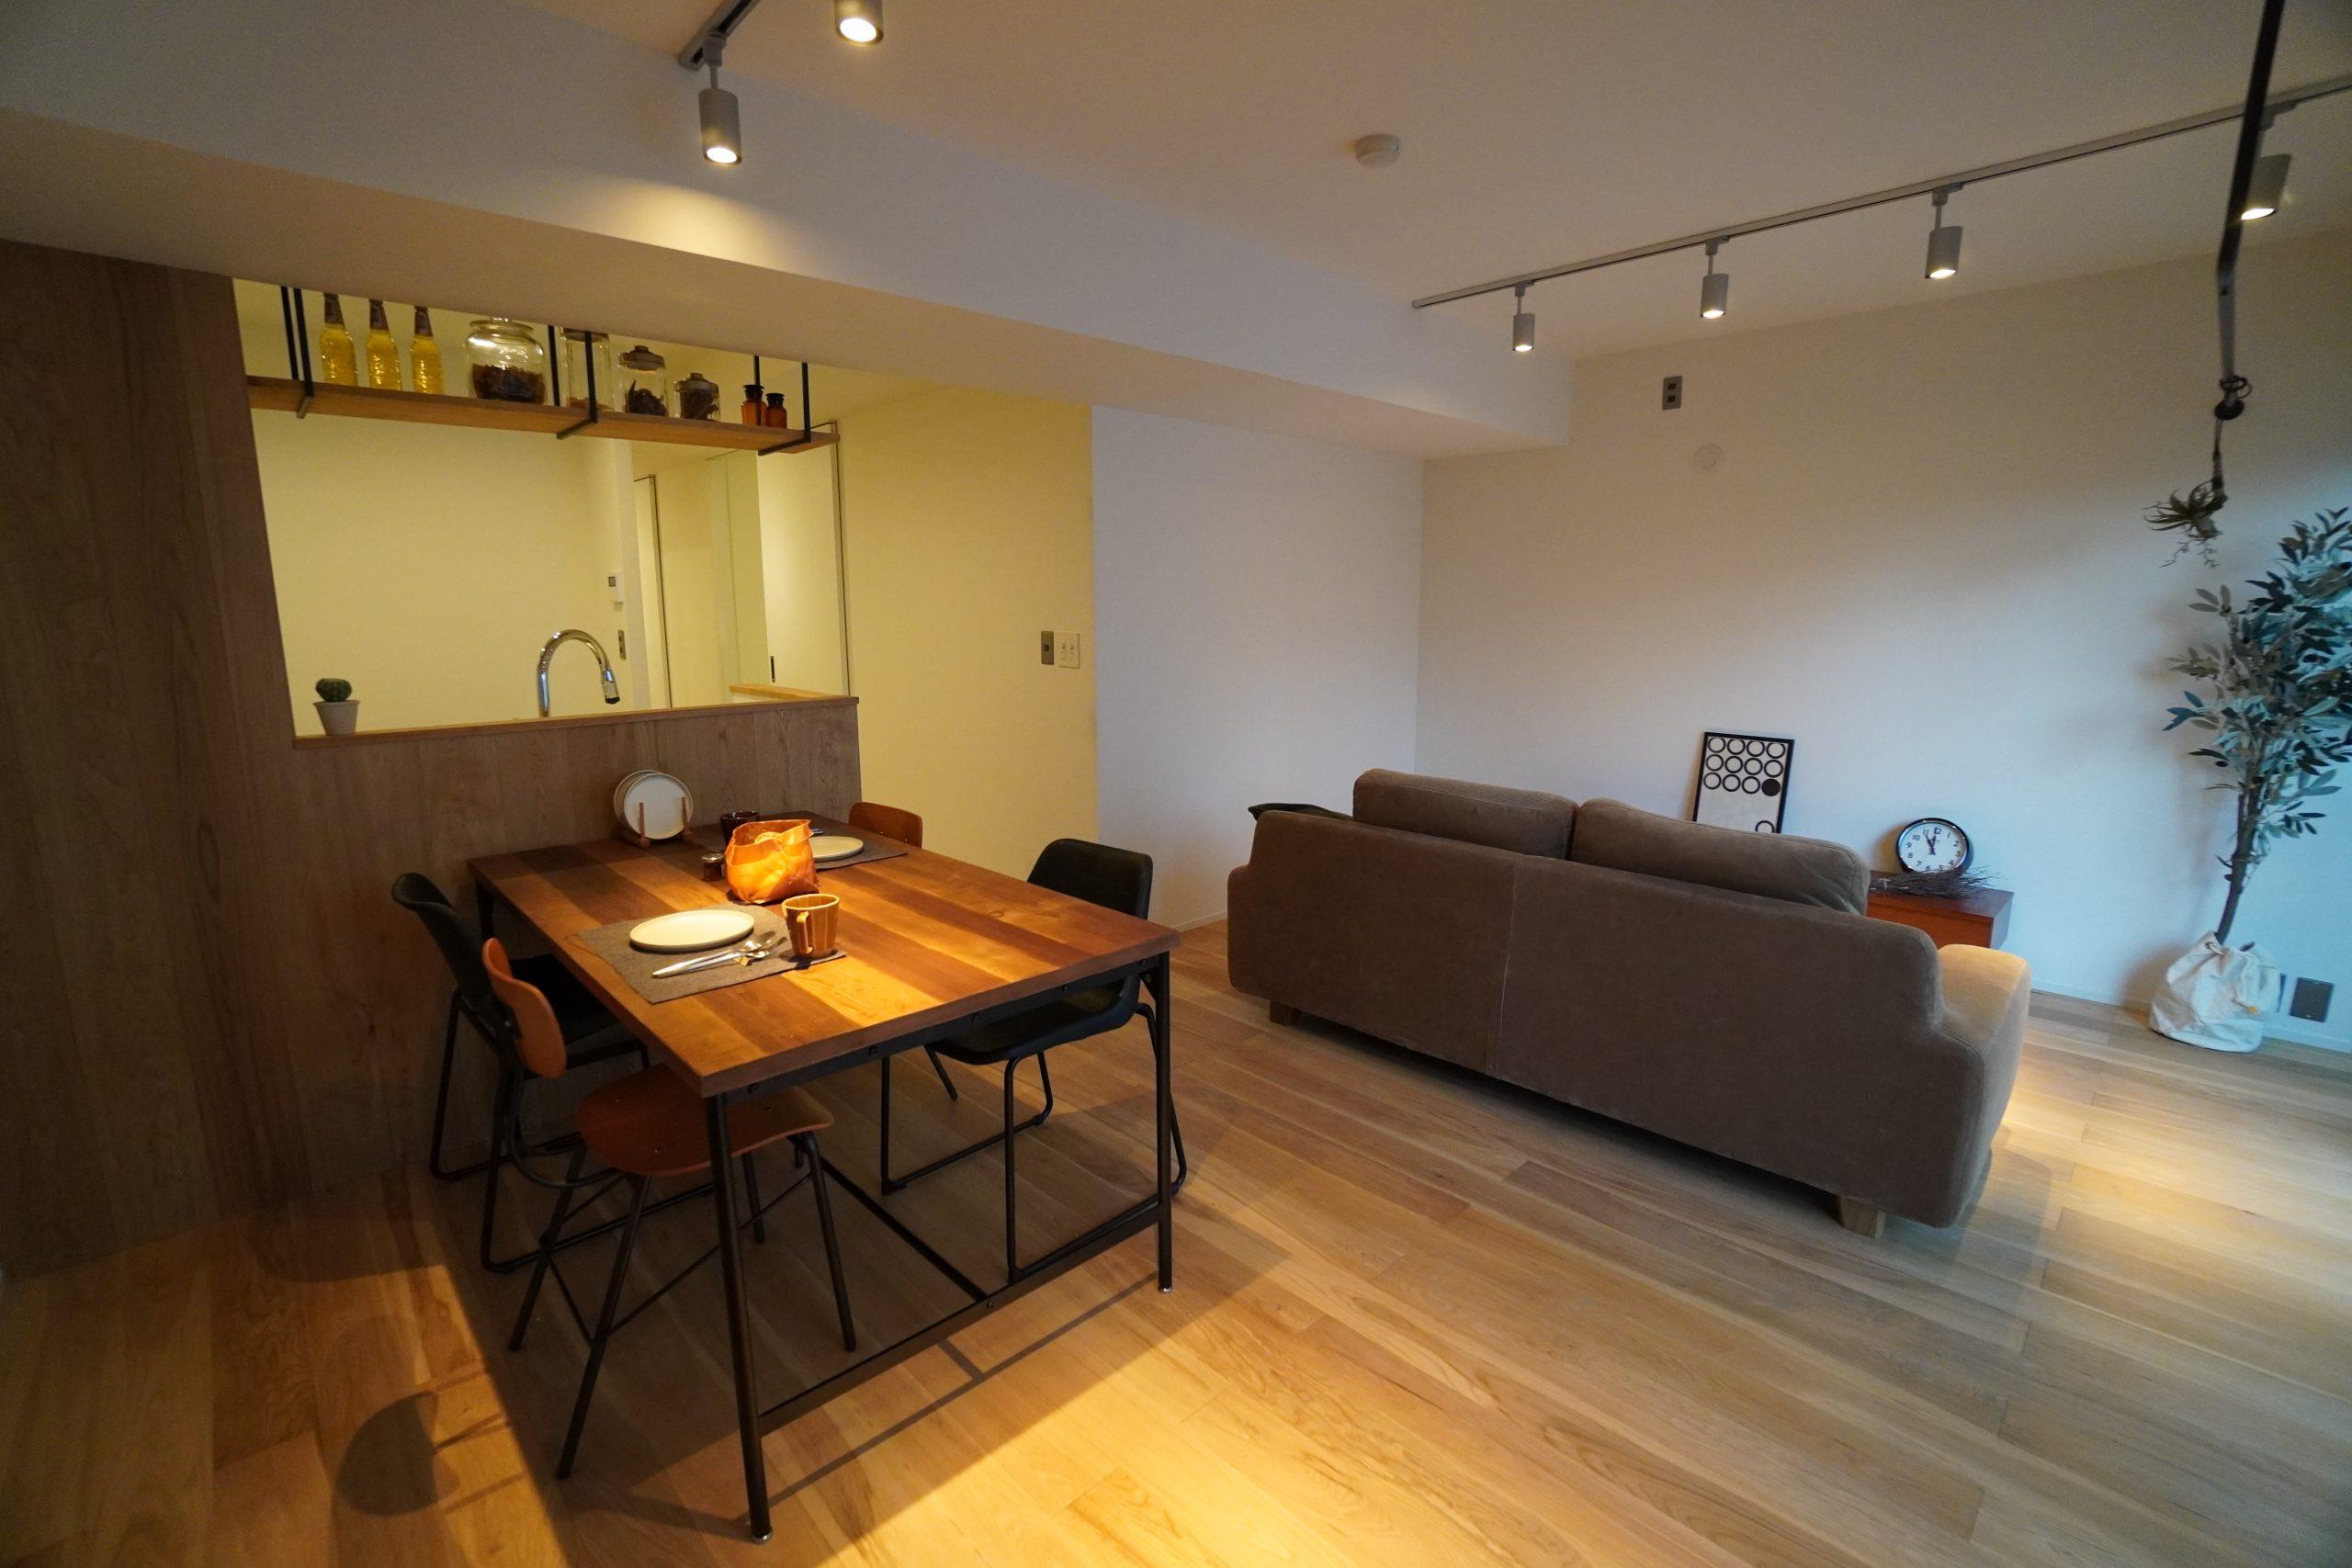 ハラダサンパークマンション恵比寿台の写真2